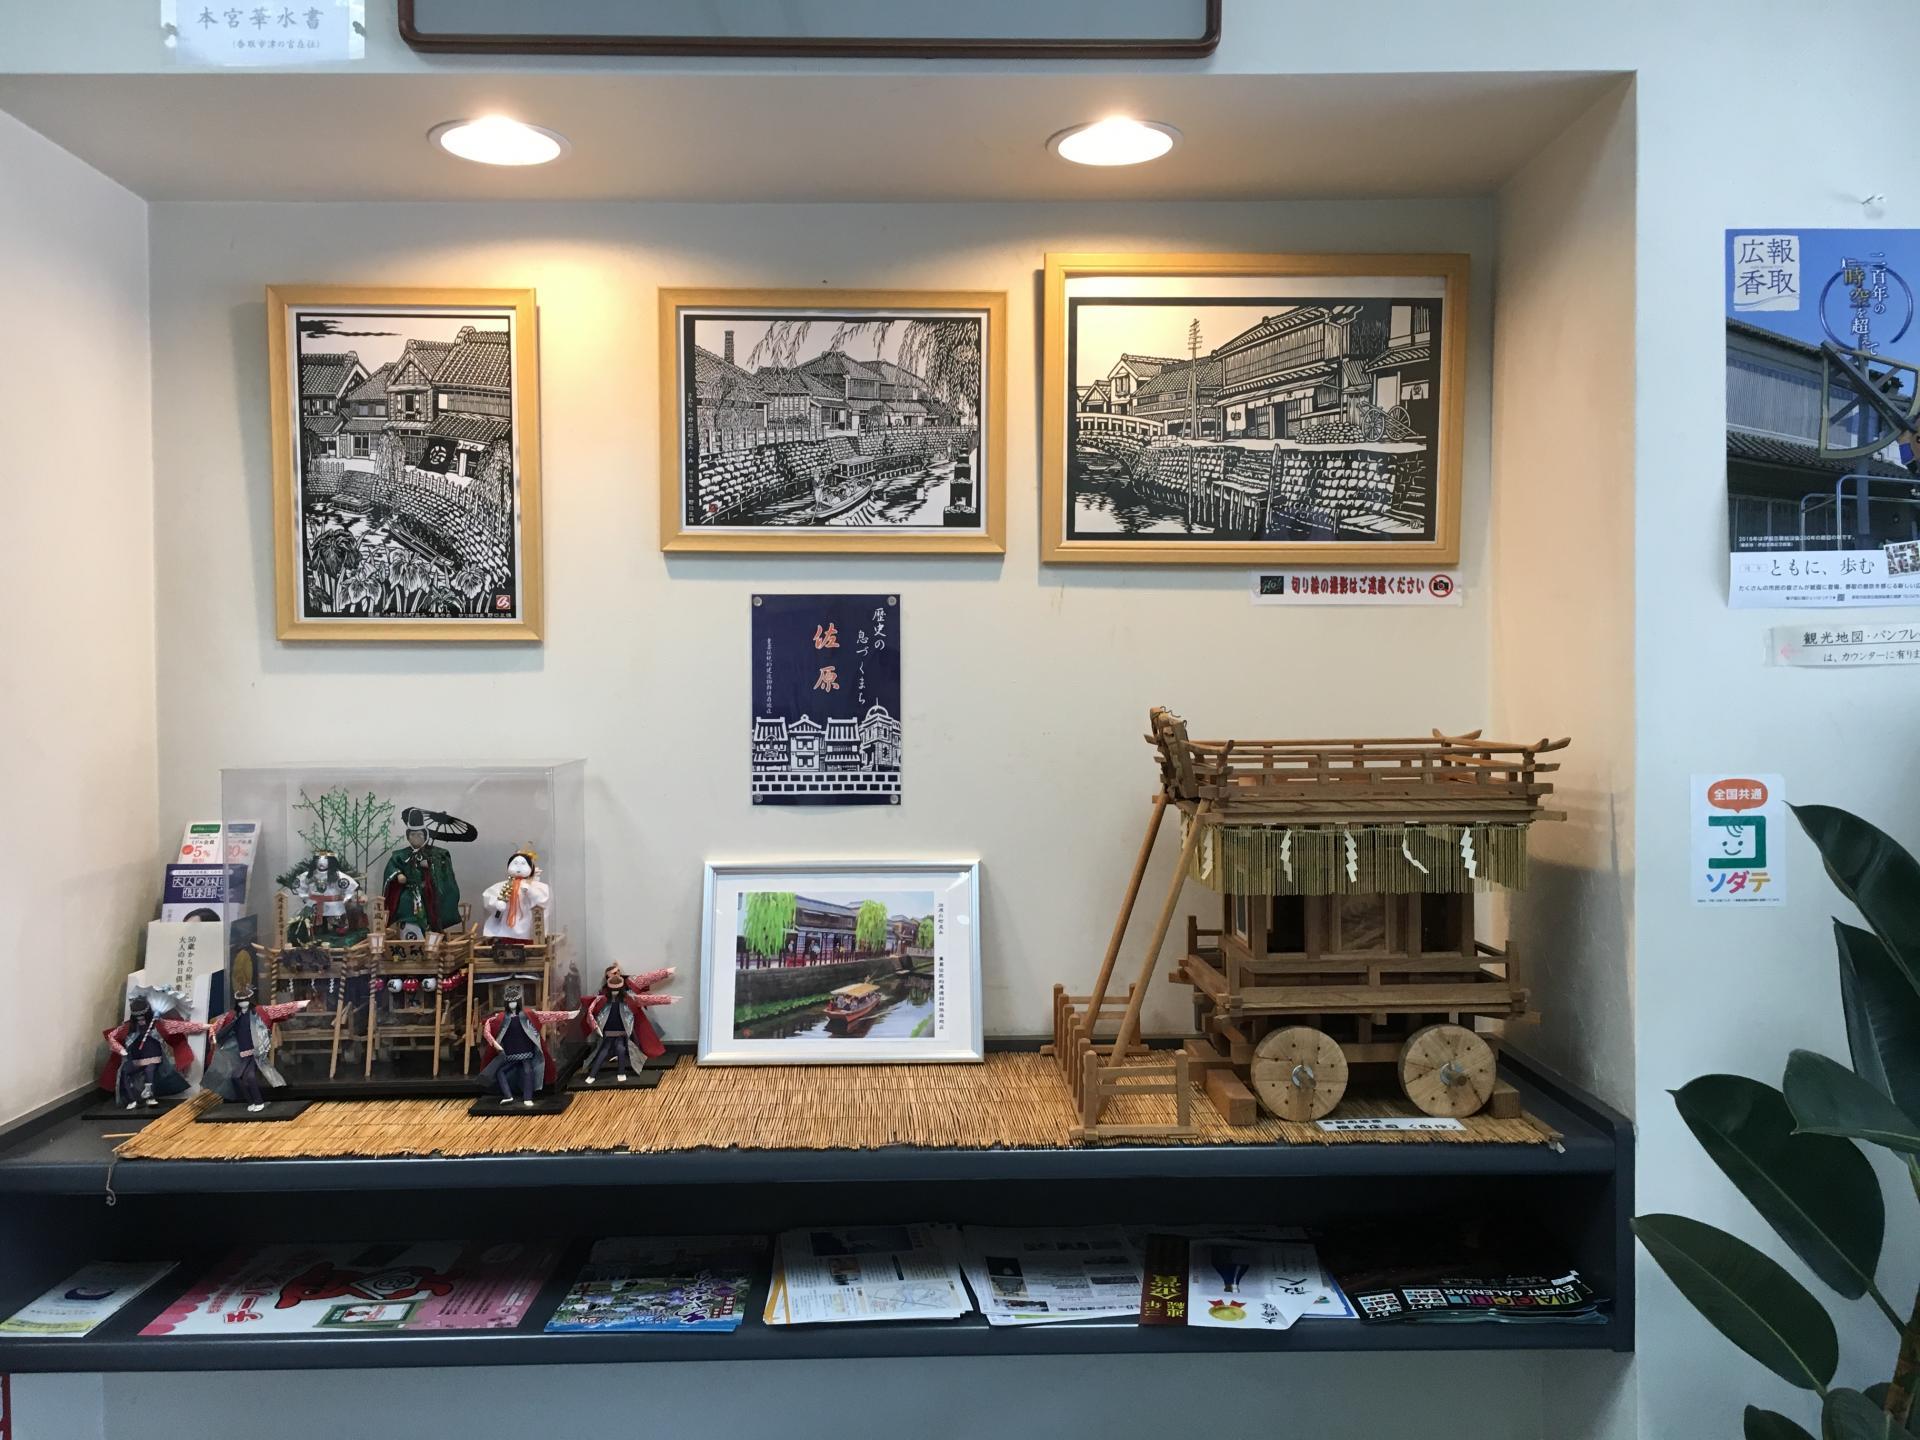 館中也有許多「佐原」的黑白珍貴歷史照片